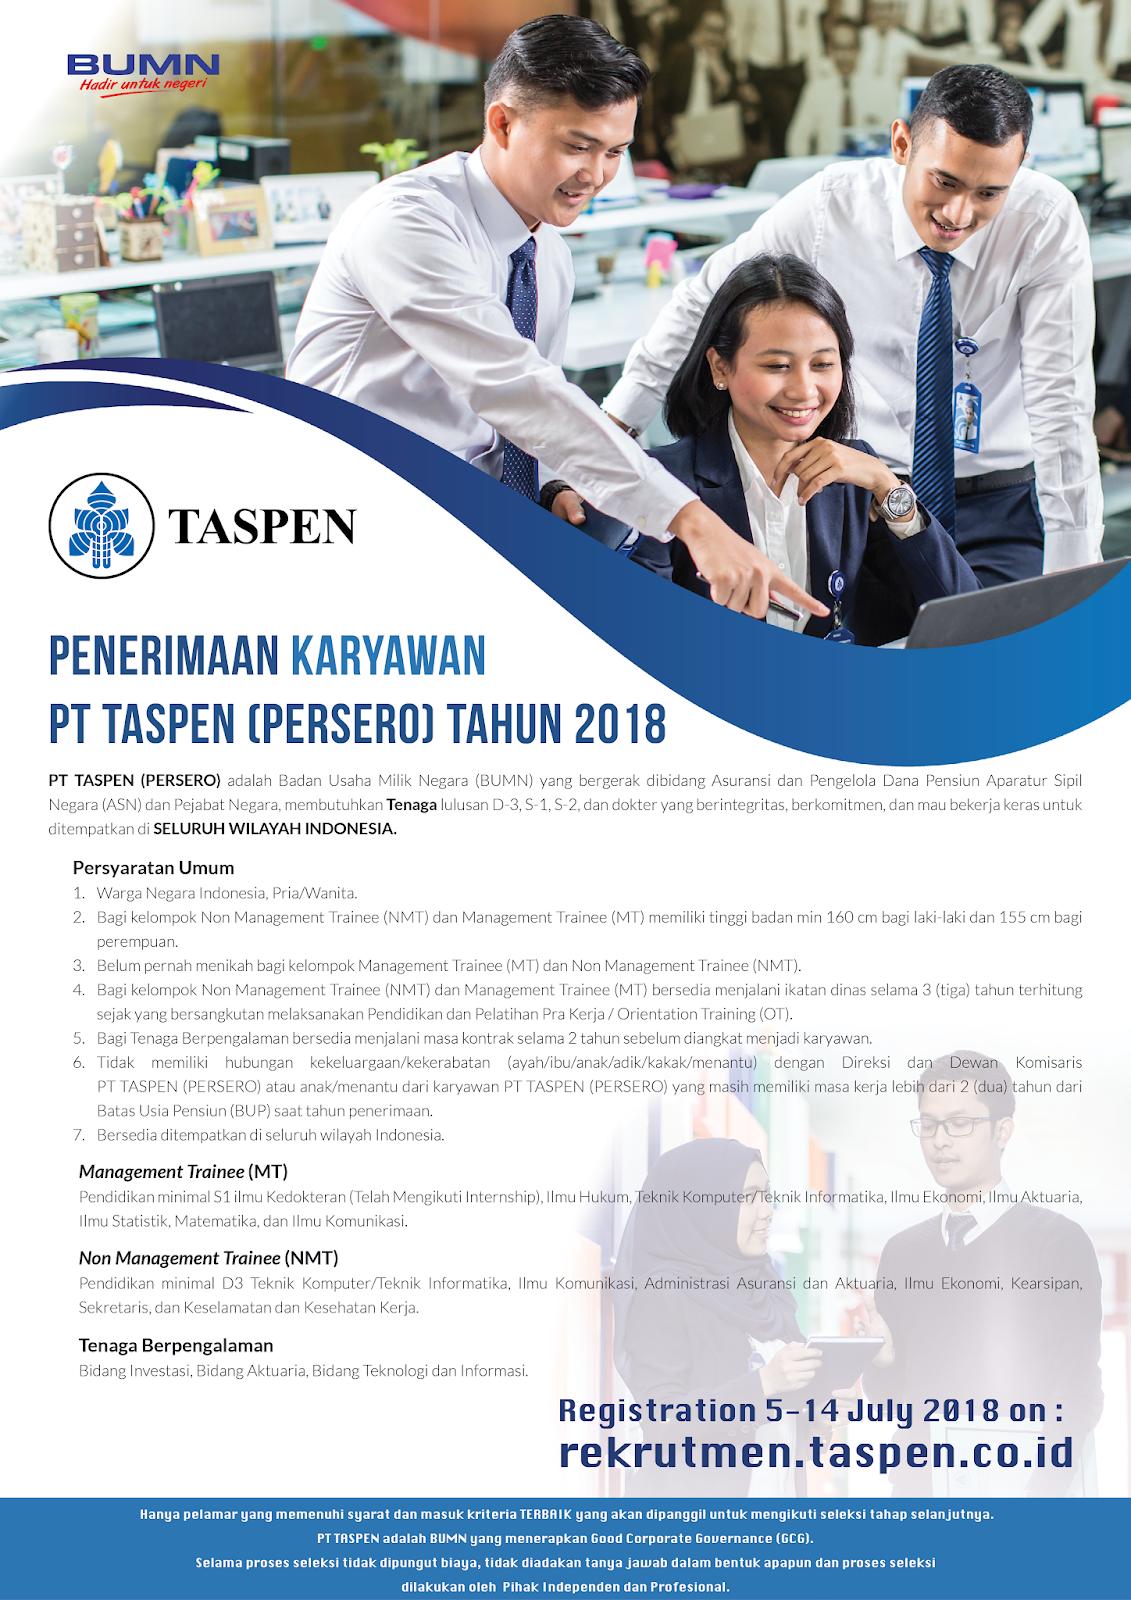 Lowongan Kerja   Online PT Taspen (Persero) Besar Besaran   Juli 2018